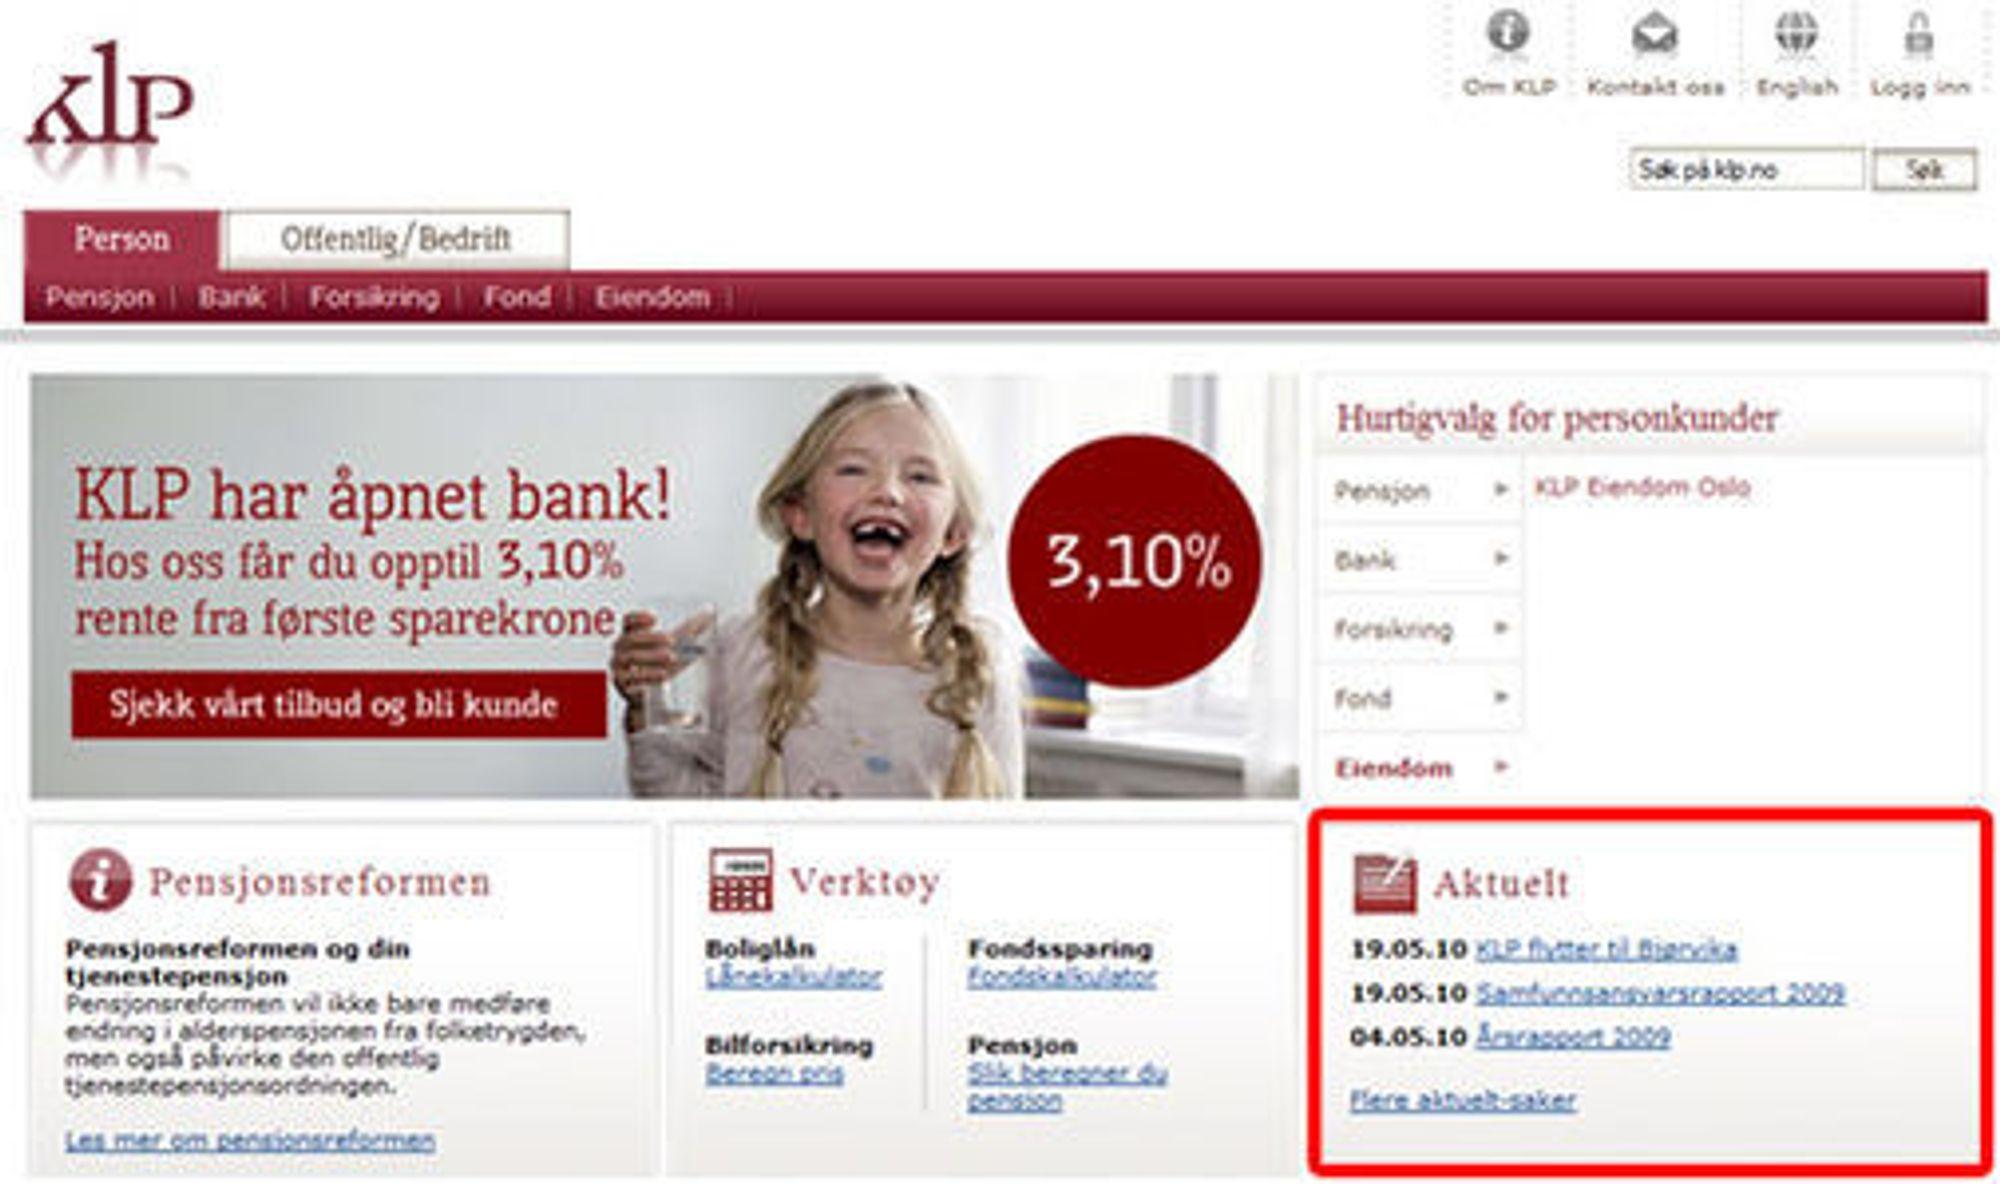 Pensjonsselskapet KLP mener brukerne er interessert i at de flytter til Bjørvika eller har lyst til å lese «Samfunnsansvarsrapport 2009». Årsrapporten har også fått plass på forsiden.